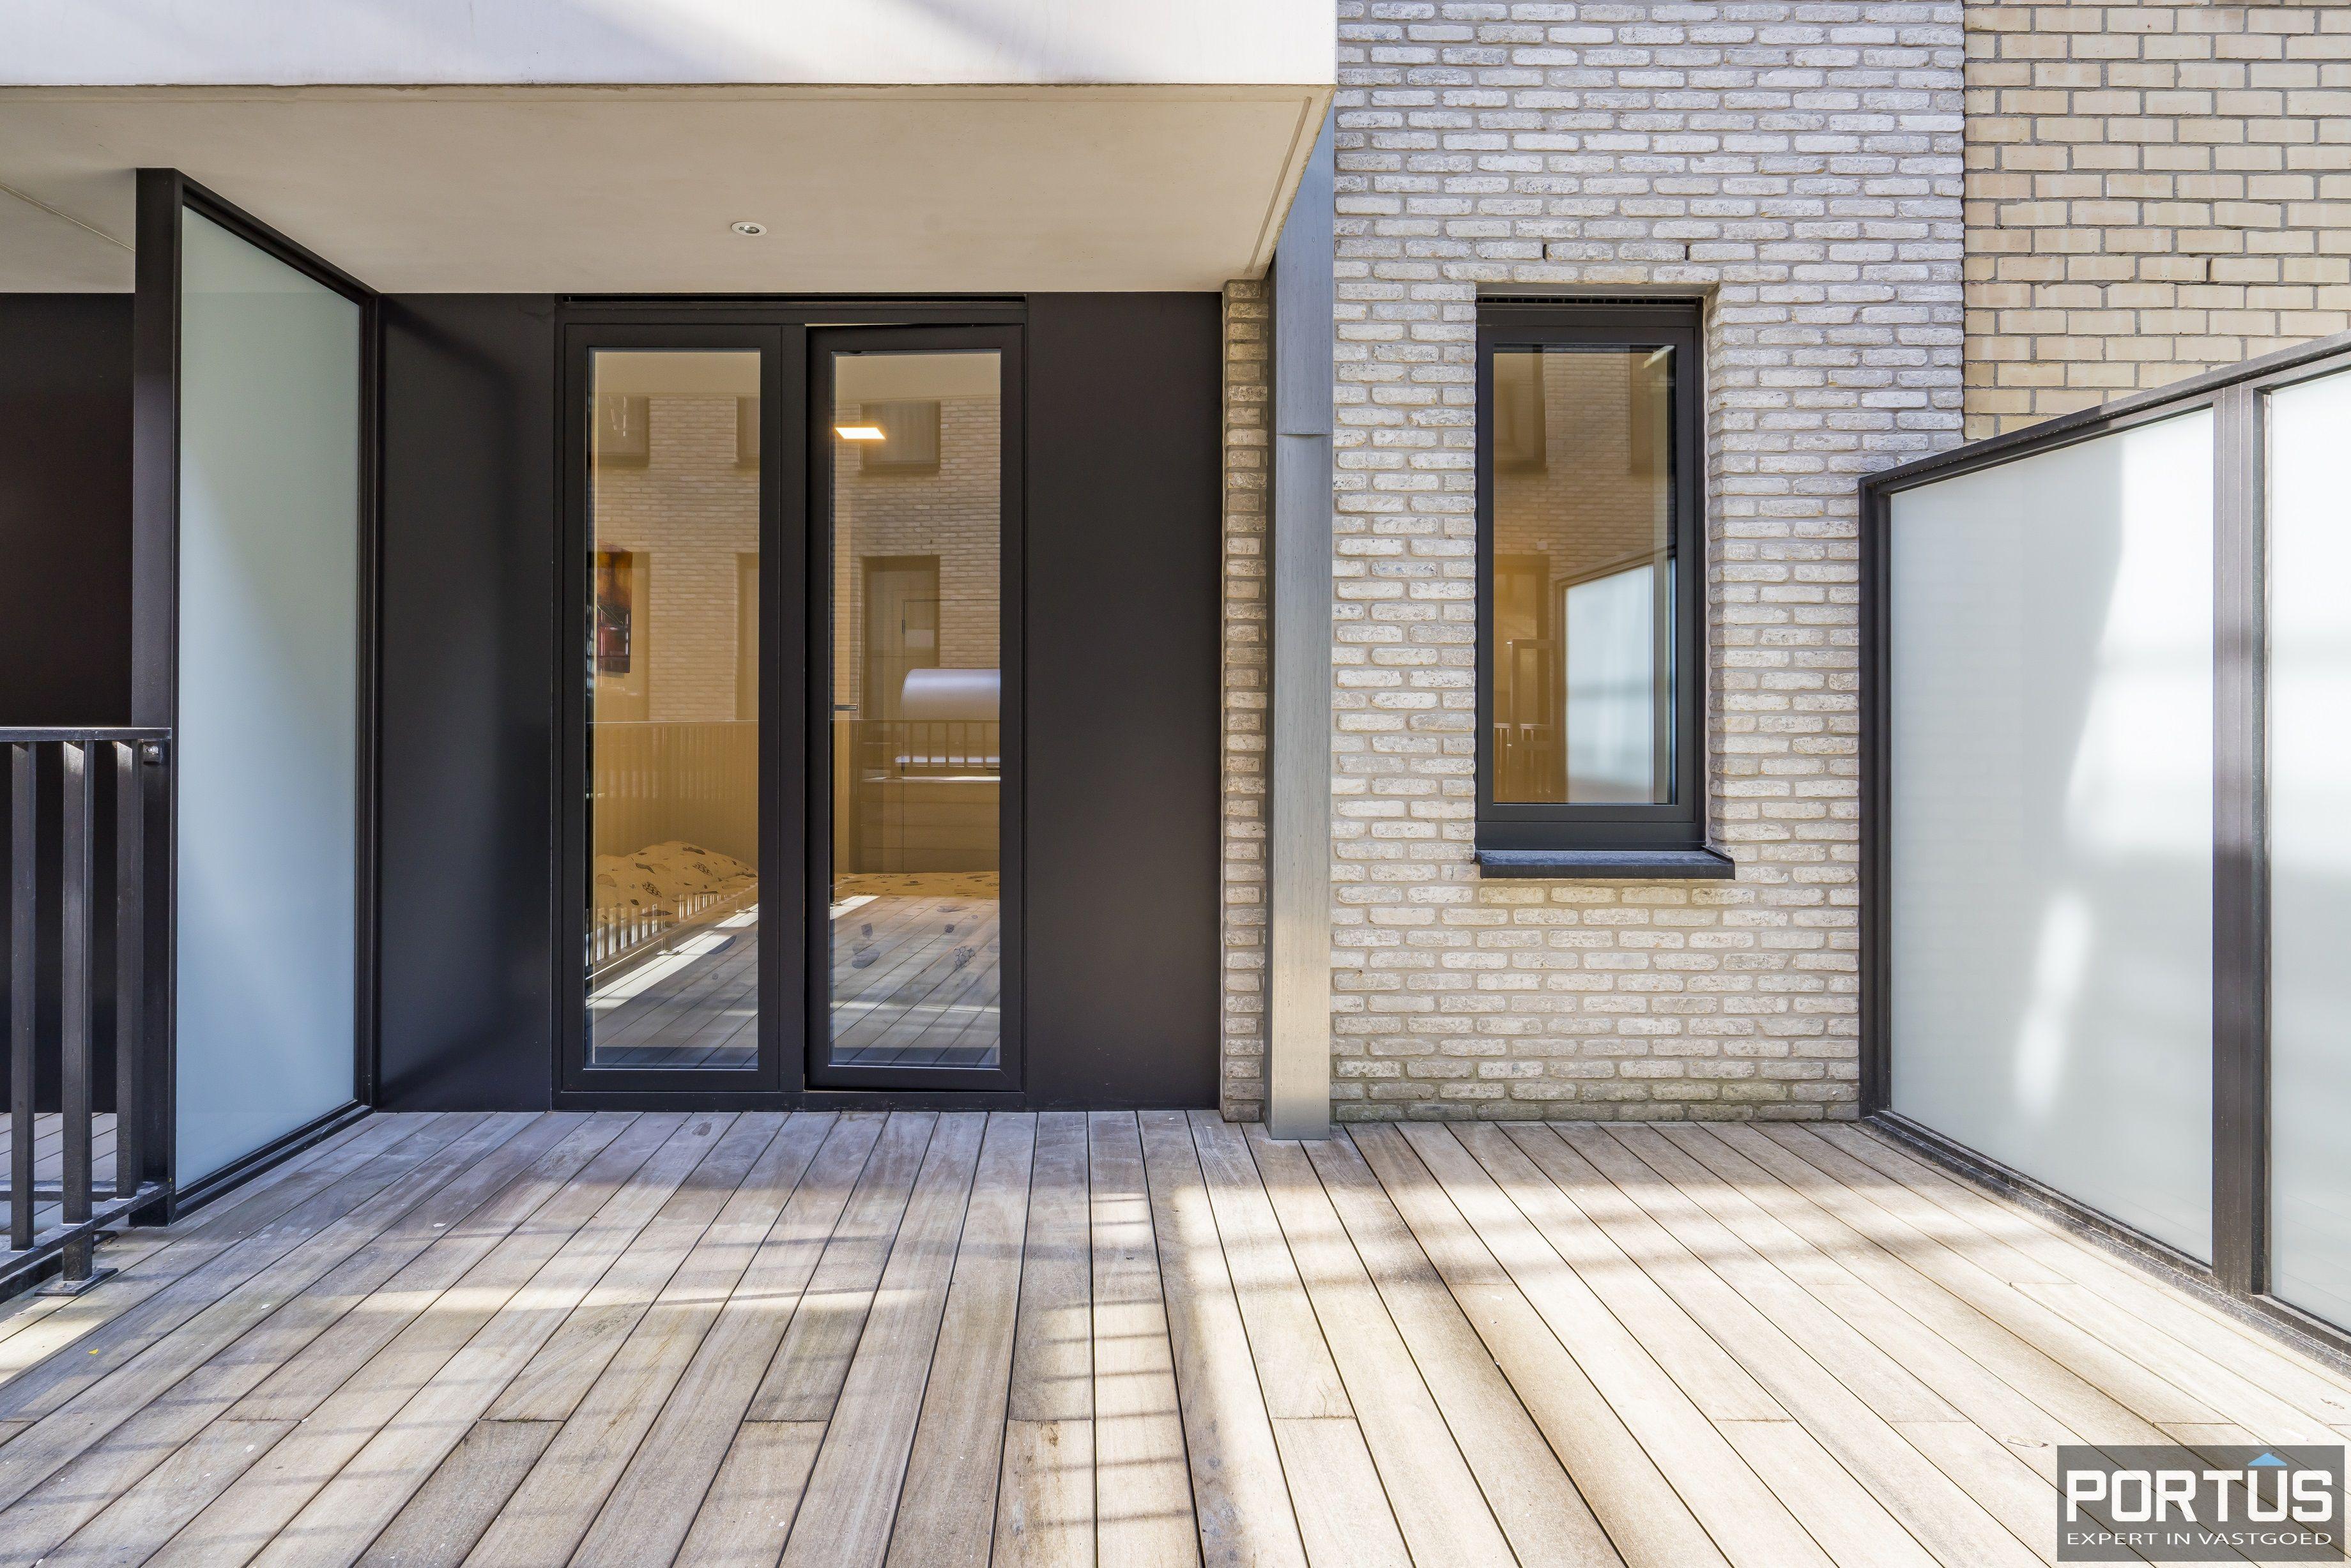 Recent appartement te koop te Nieuwpoort met frontaal zeezicht - 13047